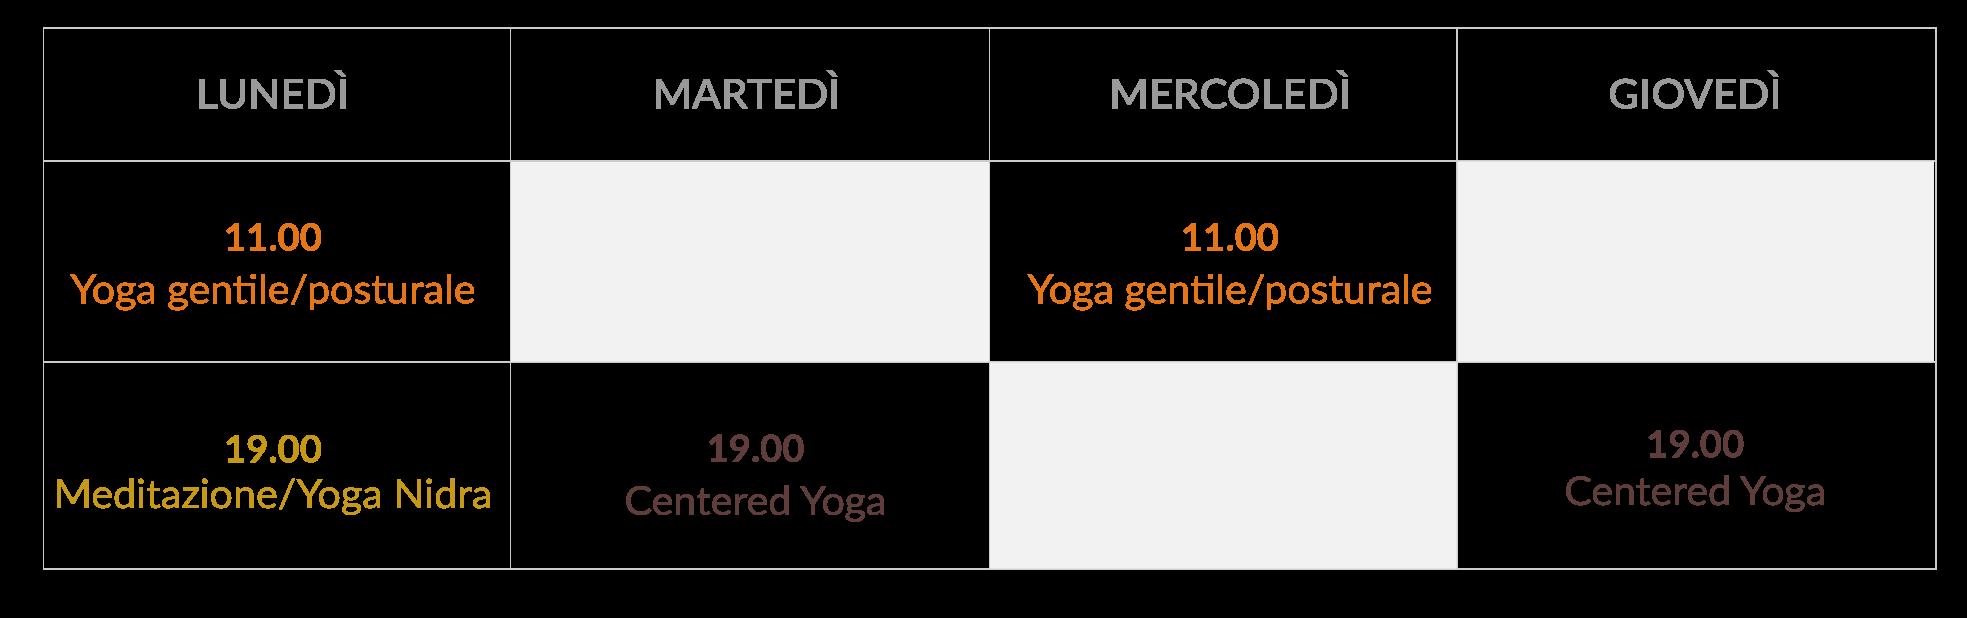 tabella orari lezioni di yoga online